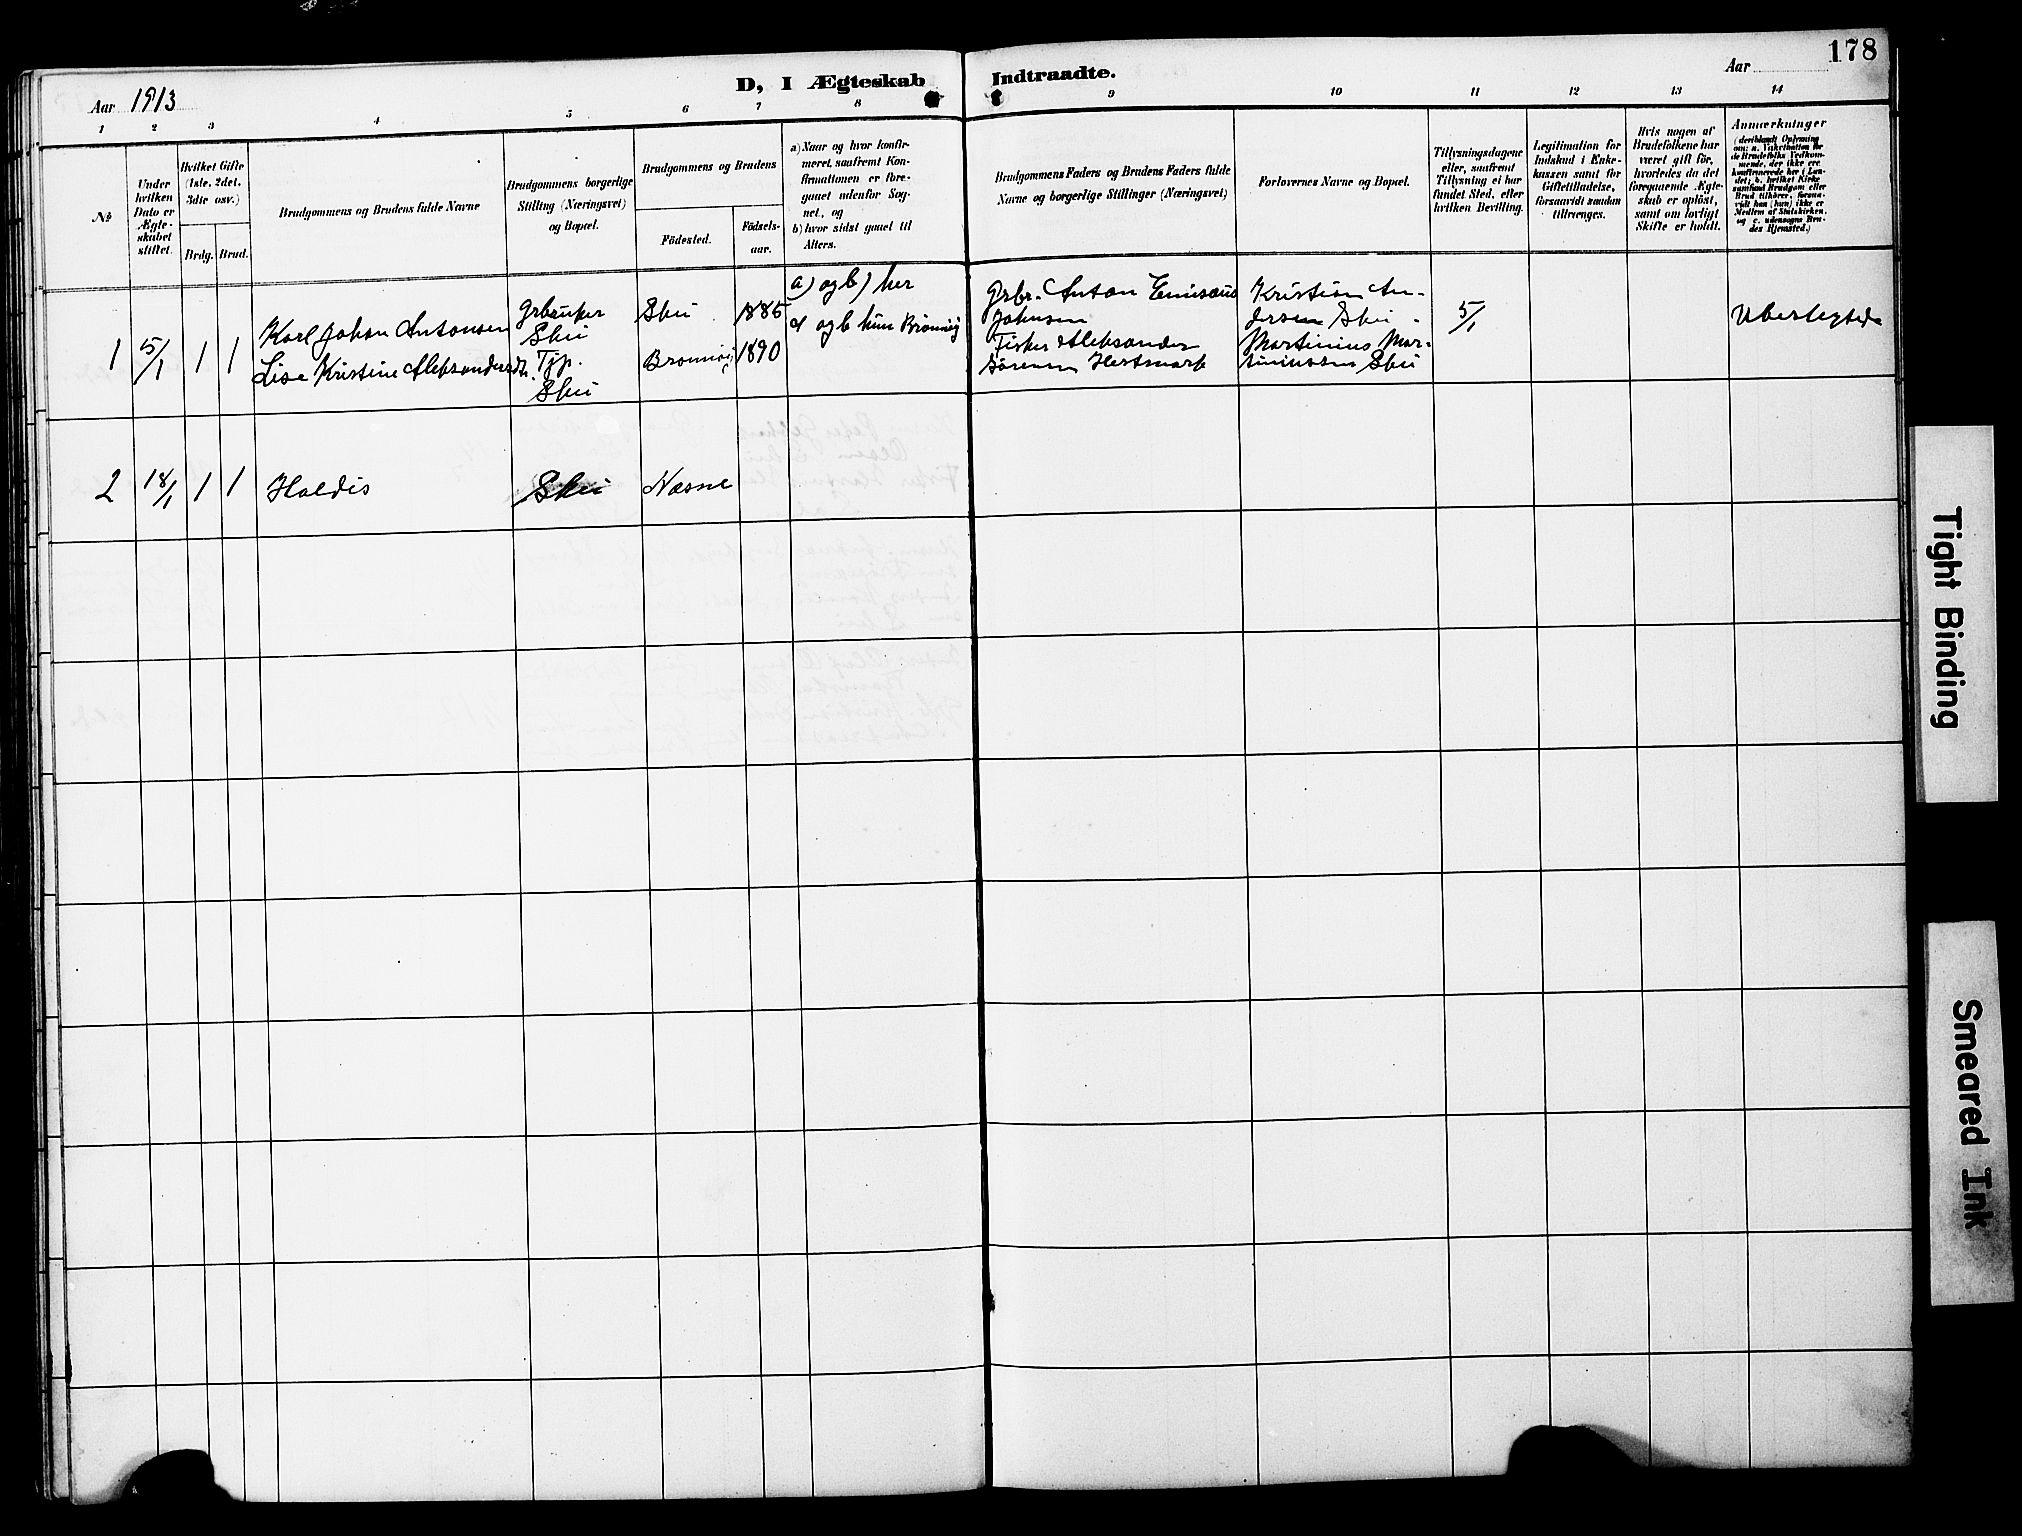 SAT, Ministerialprotokoller, klokkerbøker og fødselsregistre - Nord-Trøndelag, 788/L0701: Klokkerbok nr. 788C01, 1888-1913, s. 178